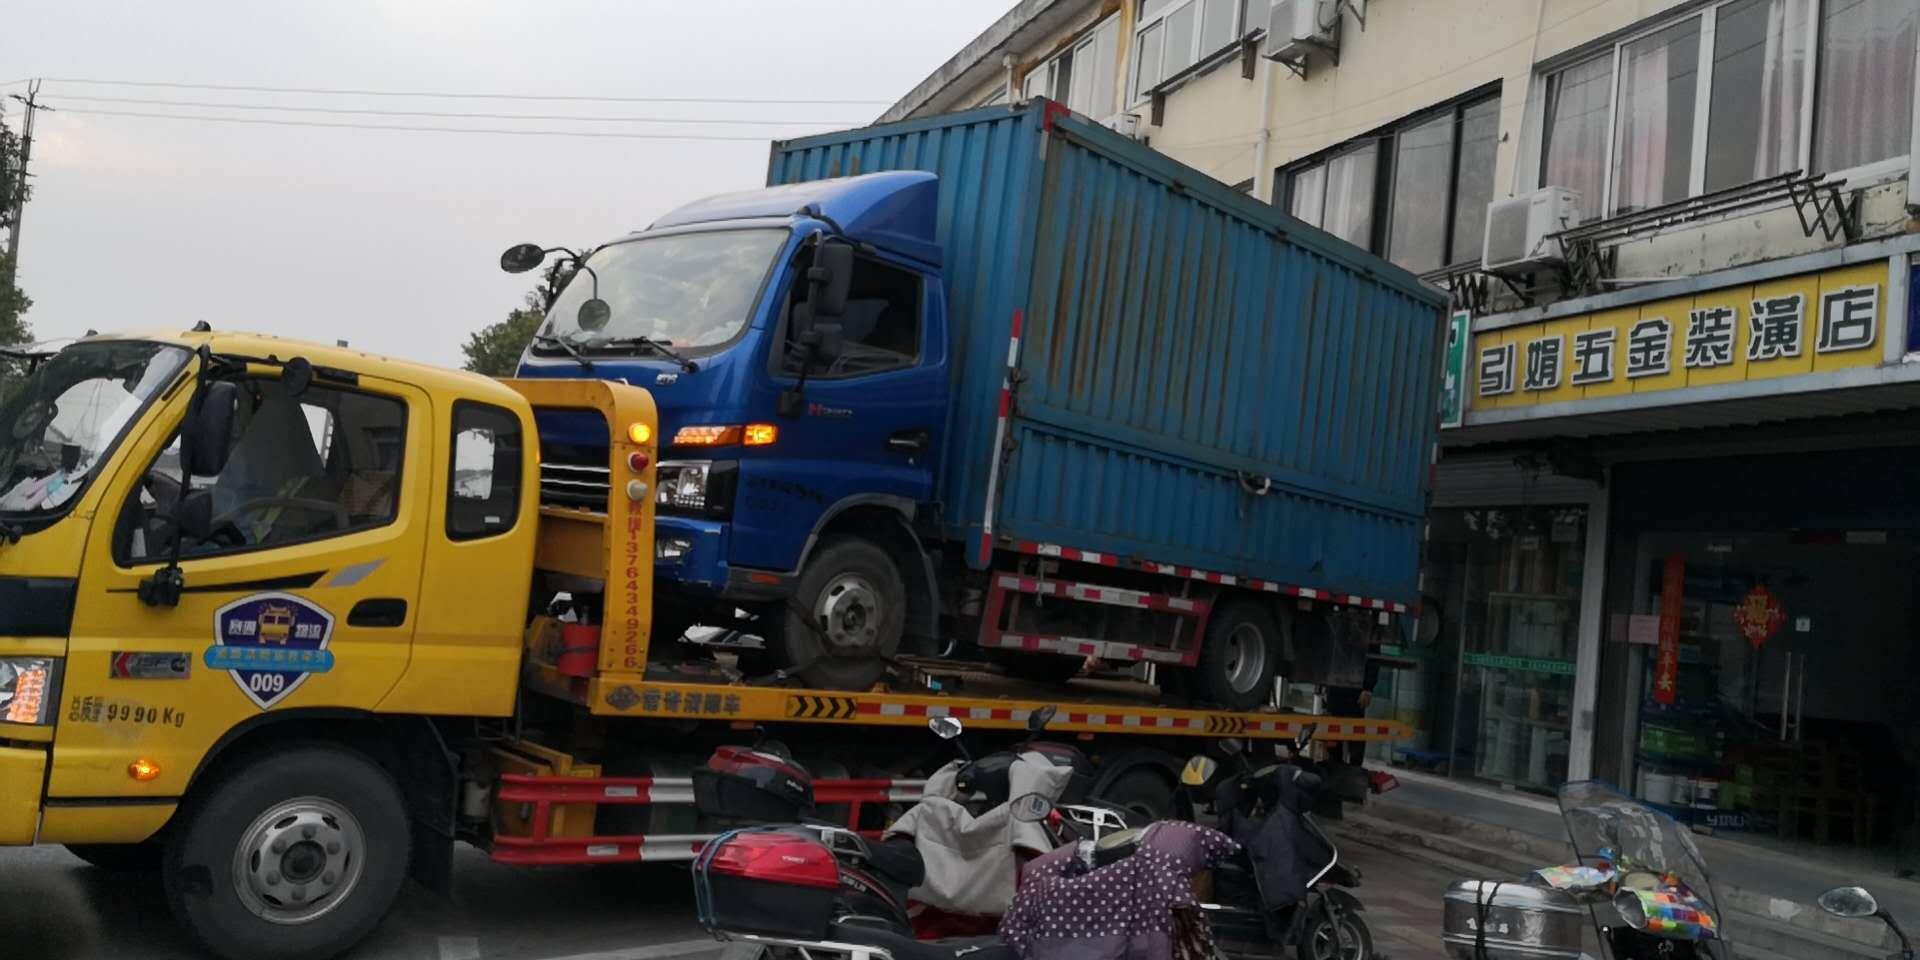 拖车的作用